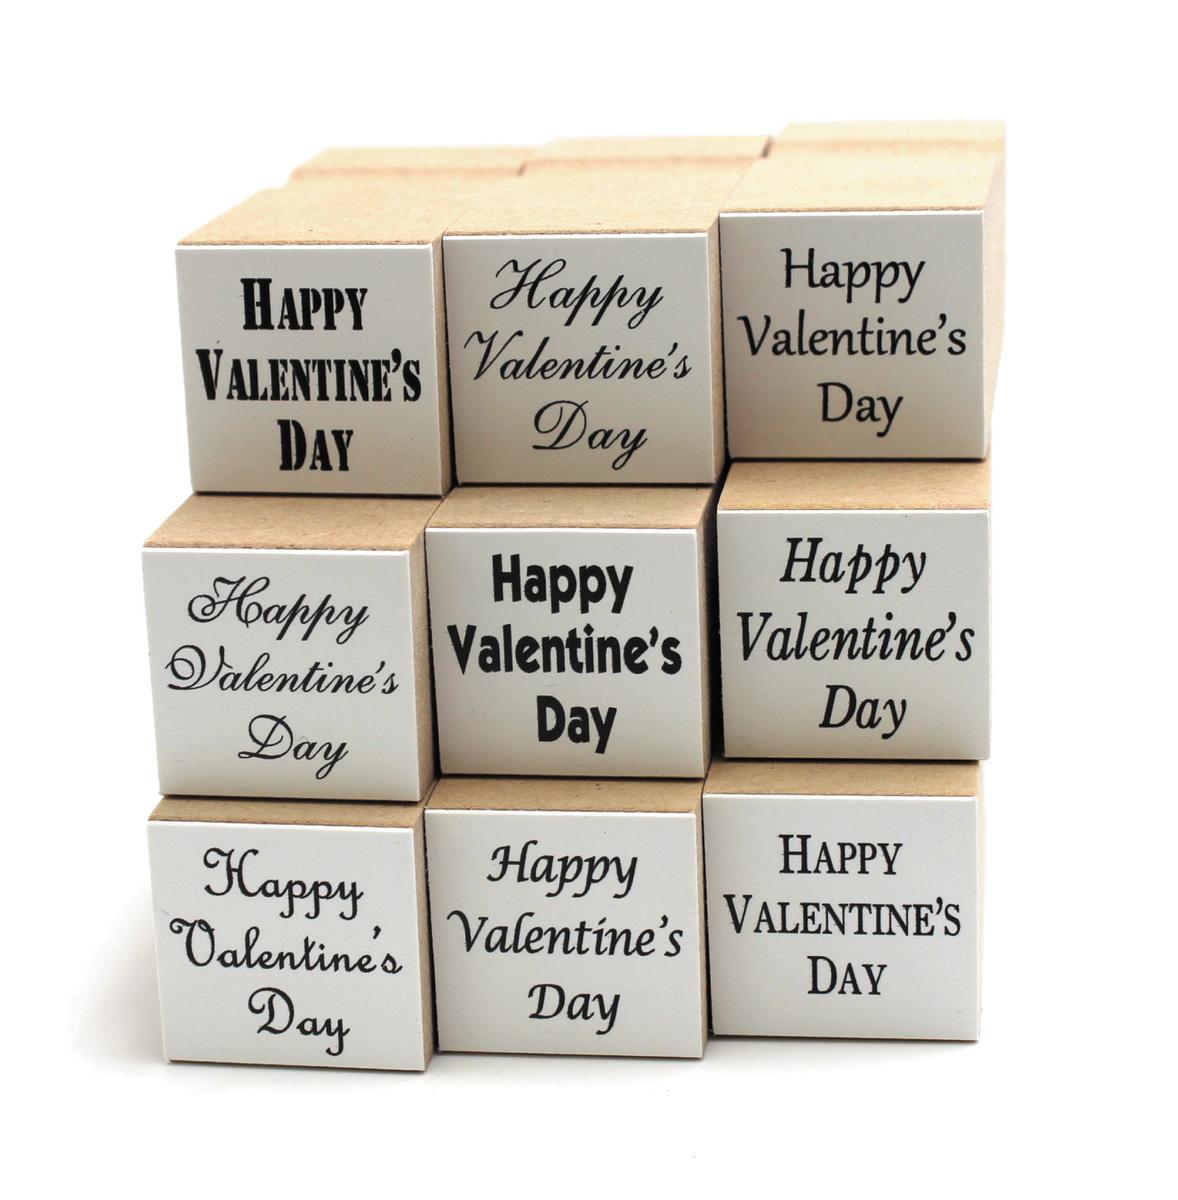 期間限定今なら送料無料 手作りカードに Gift 贈り物などに バレンタインスタンプ 超特価 Happy はんこ ハンコ Day Valentine`s hanko